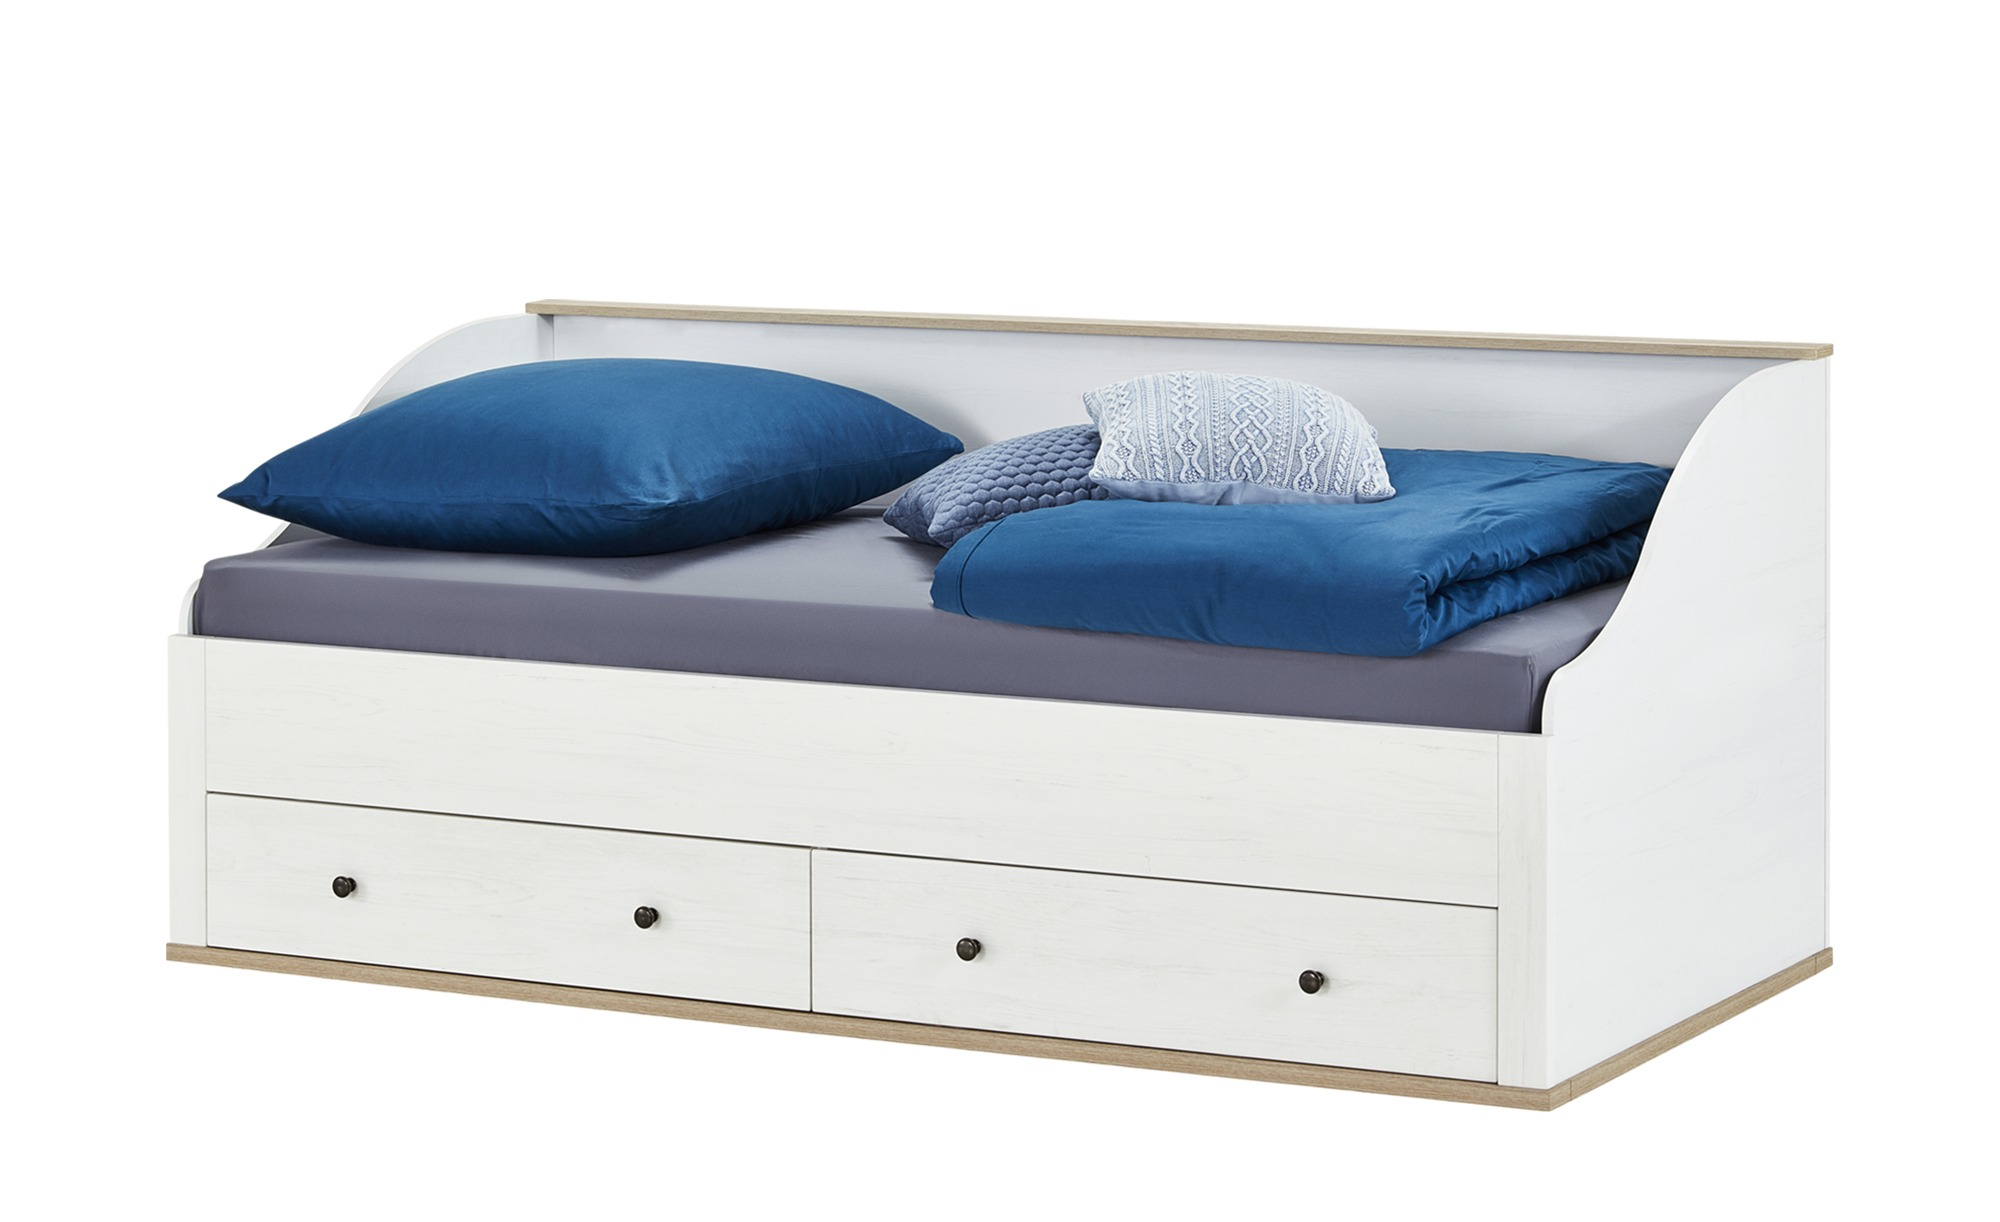 Full Size of Bett Mit 2 Schubksten 90x200 Wei Lrche Optik Carmen Luxus Betten 100x200 Günstig Kaufen Weiß 2x2m 140x200 Aus Holz 140x220 Nussbaum 180x200 Schubladen Bett Bett 90x200 Weiß